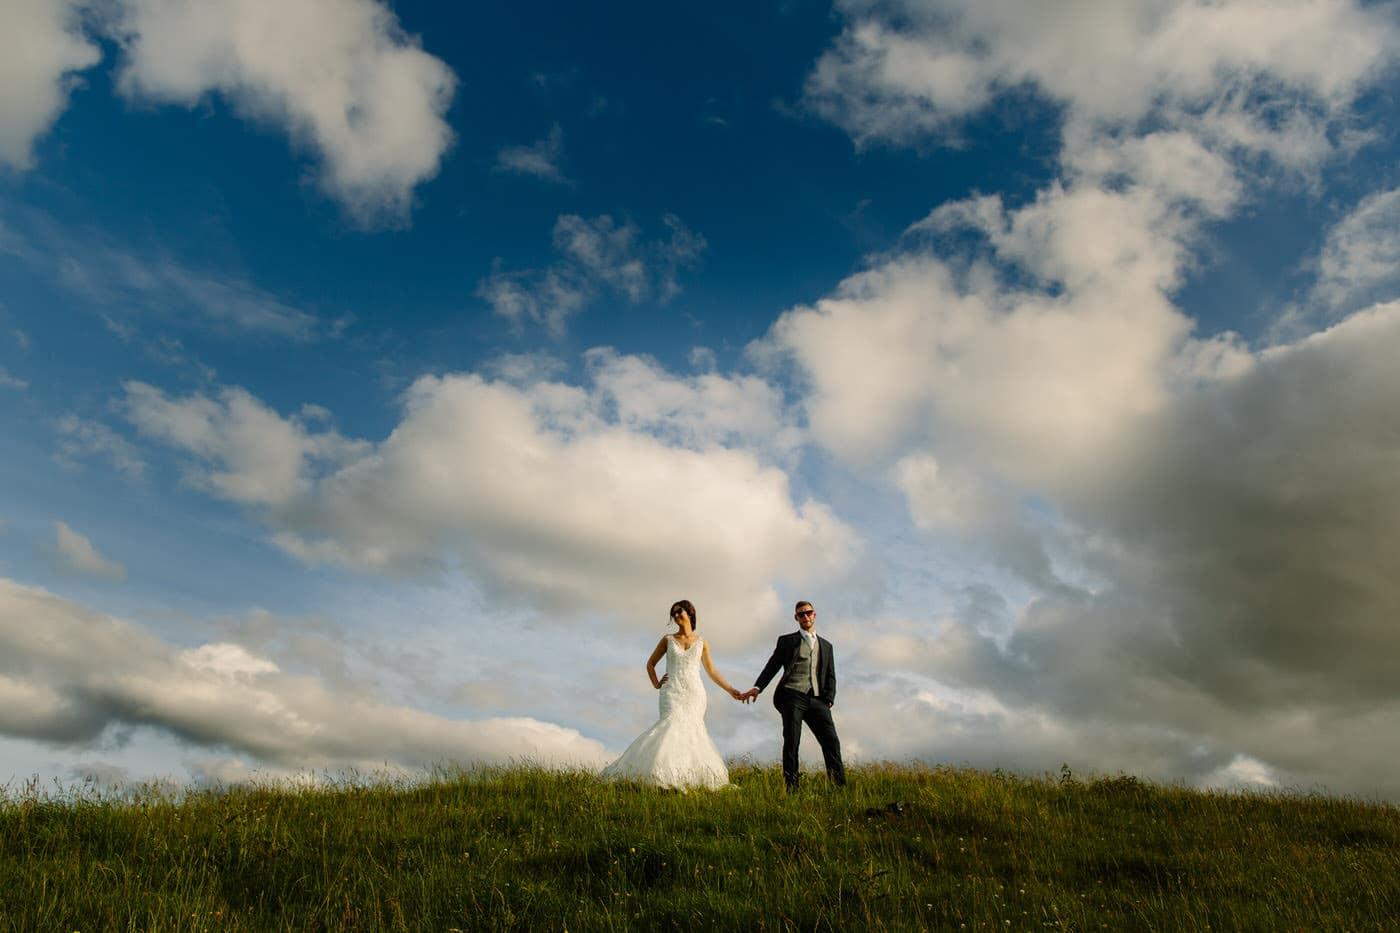 SG NORTH WALES WEDDING 1135